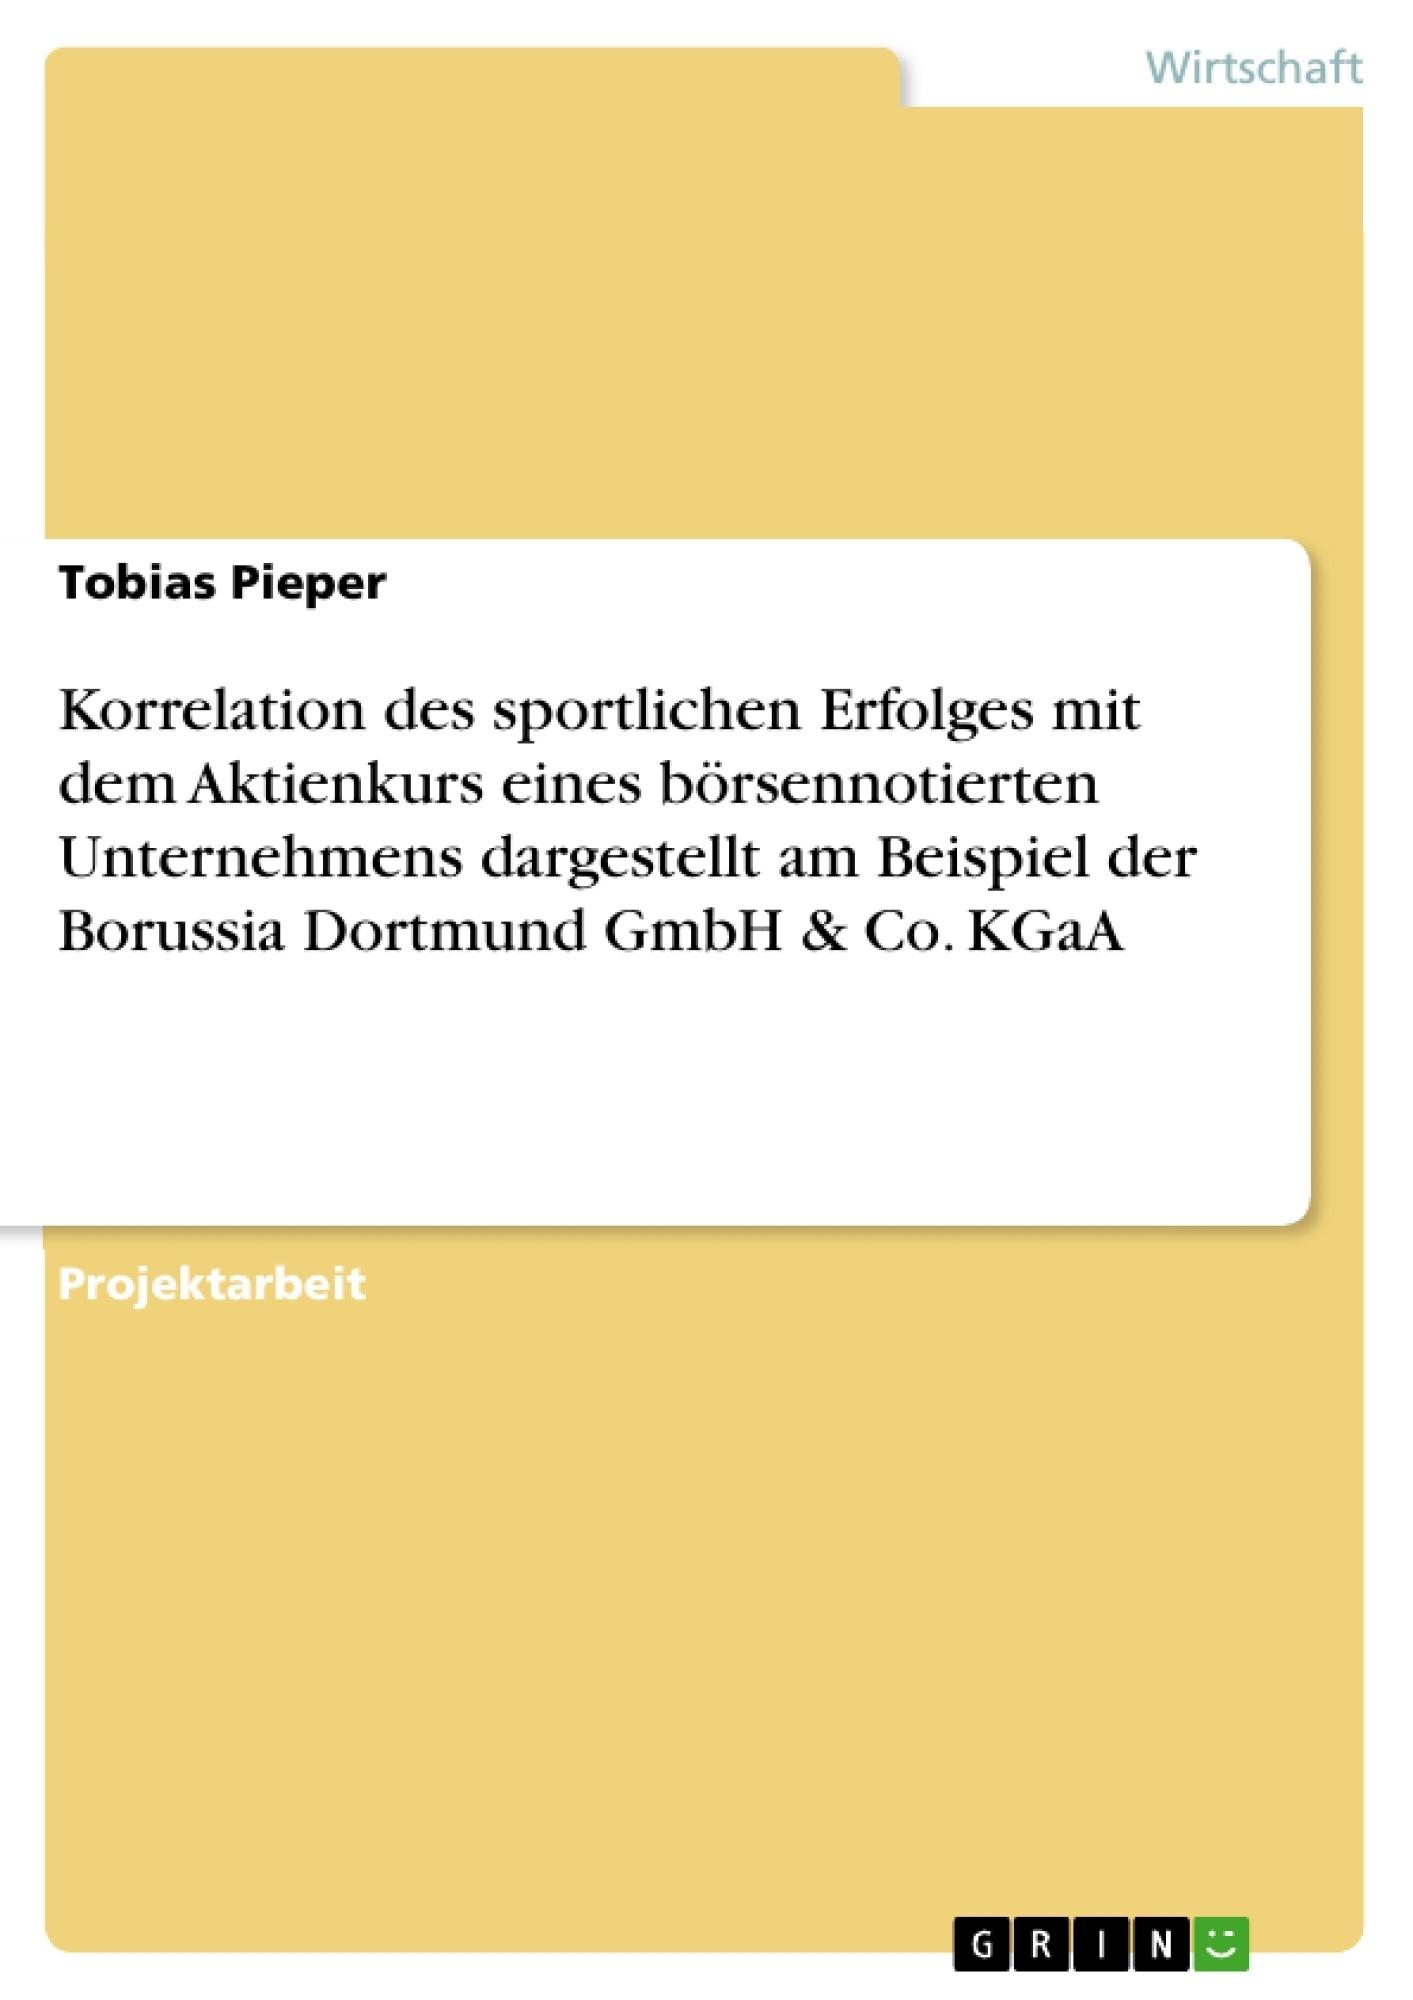 Titel: Korrelation des sportlichen Erfolges mit dem Aktienkurs eines börsennotierten Unternehmens dargestellt am Beispiel der Borussia Dortmund GmbH & Co. KGaA